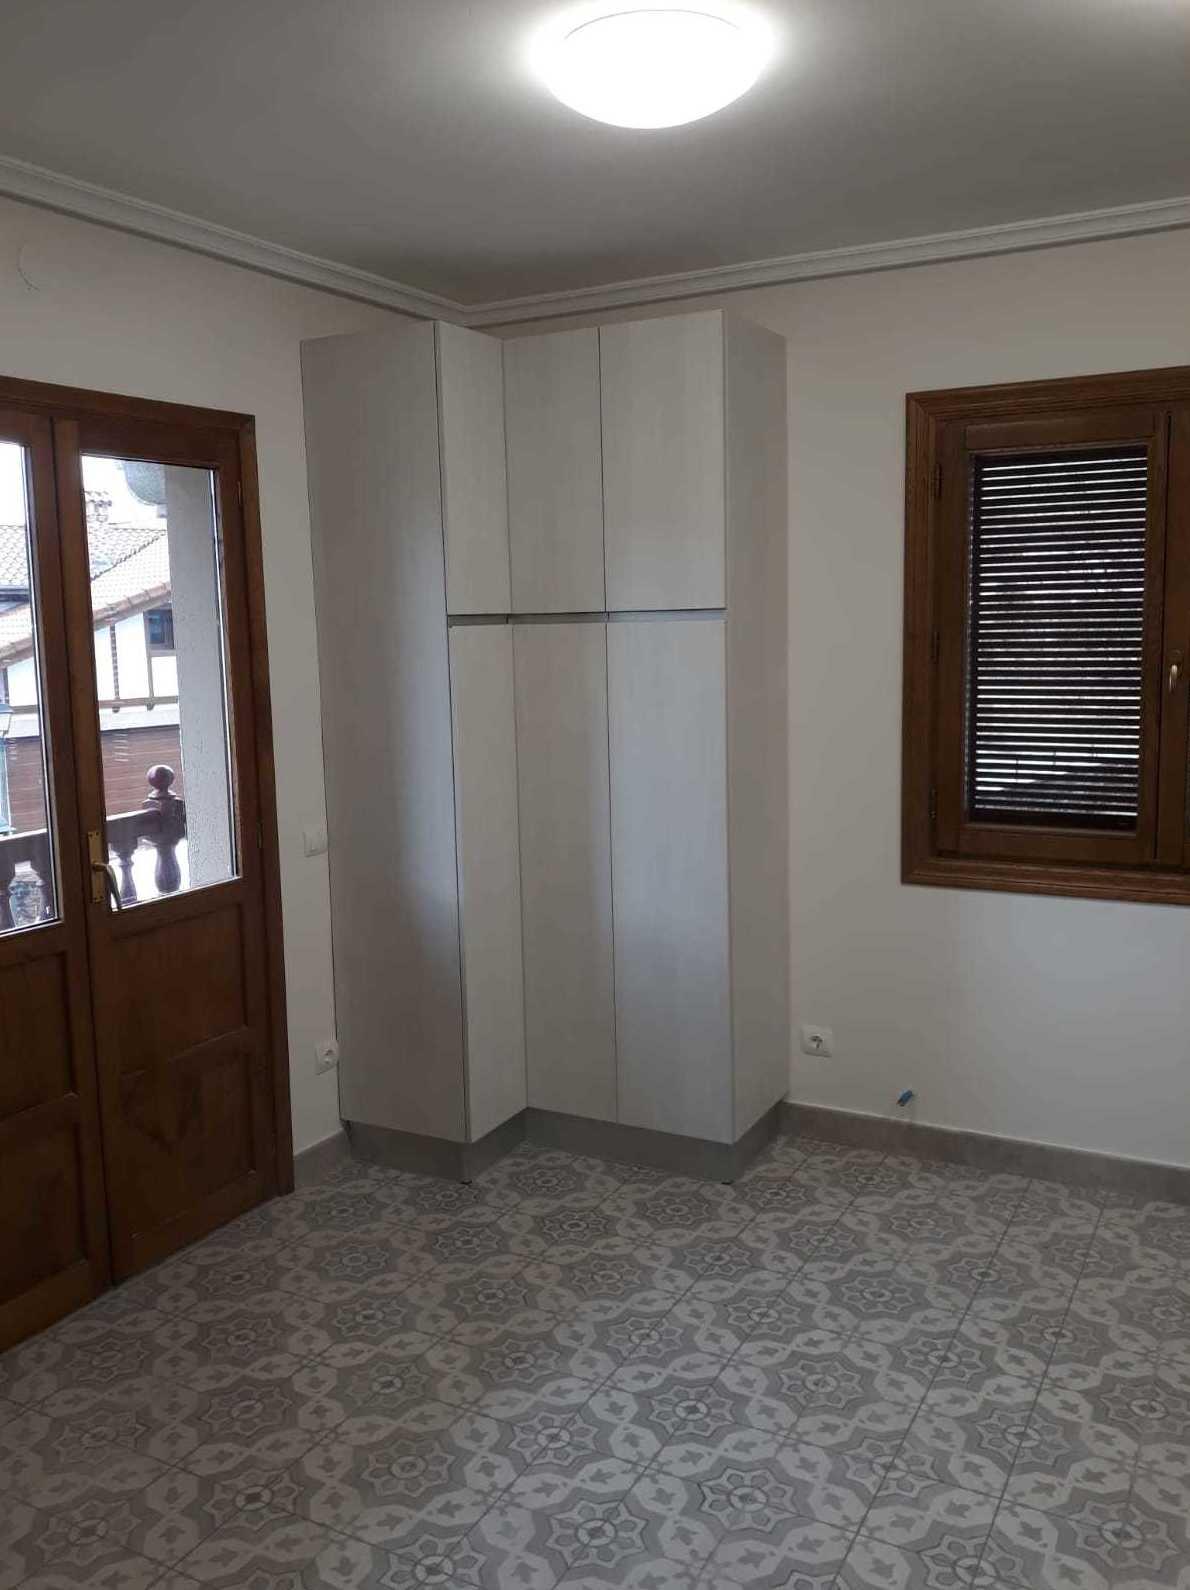 Foto 11 de Electrodomésticos y muebles en  | Electrodomésticos Miguelena